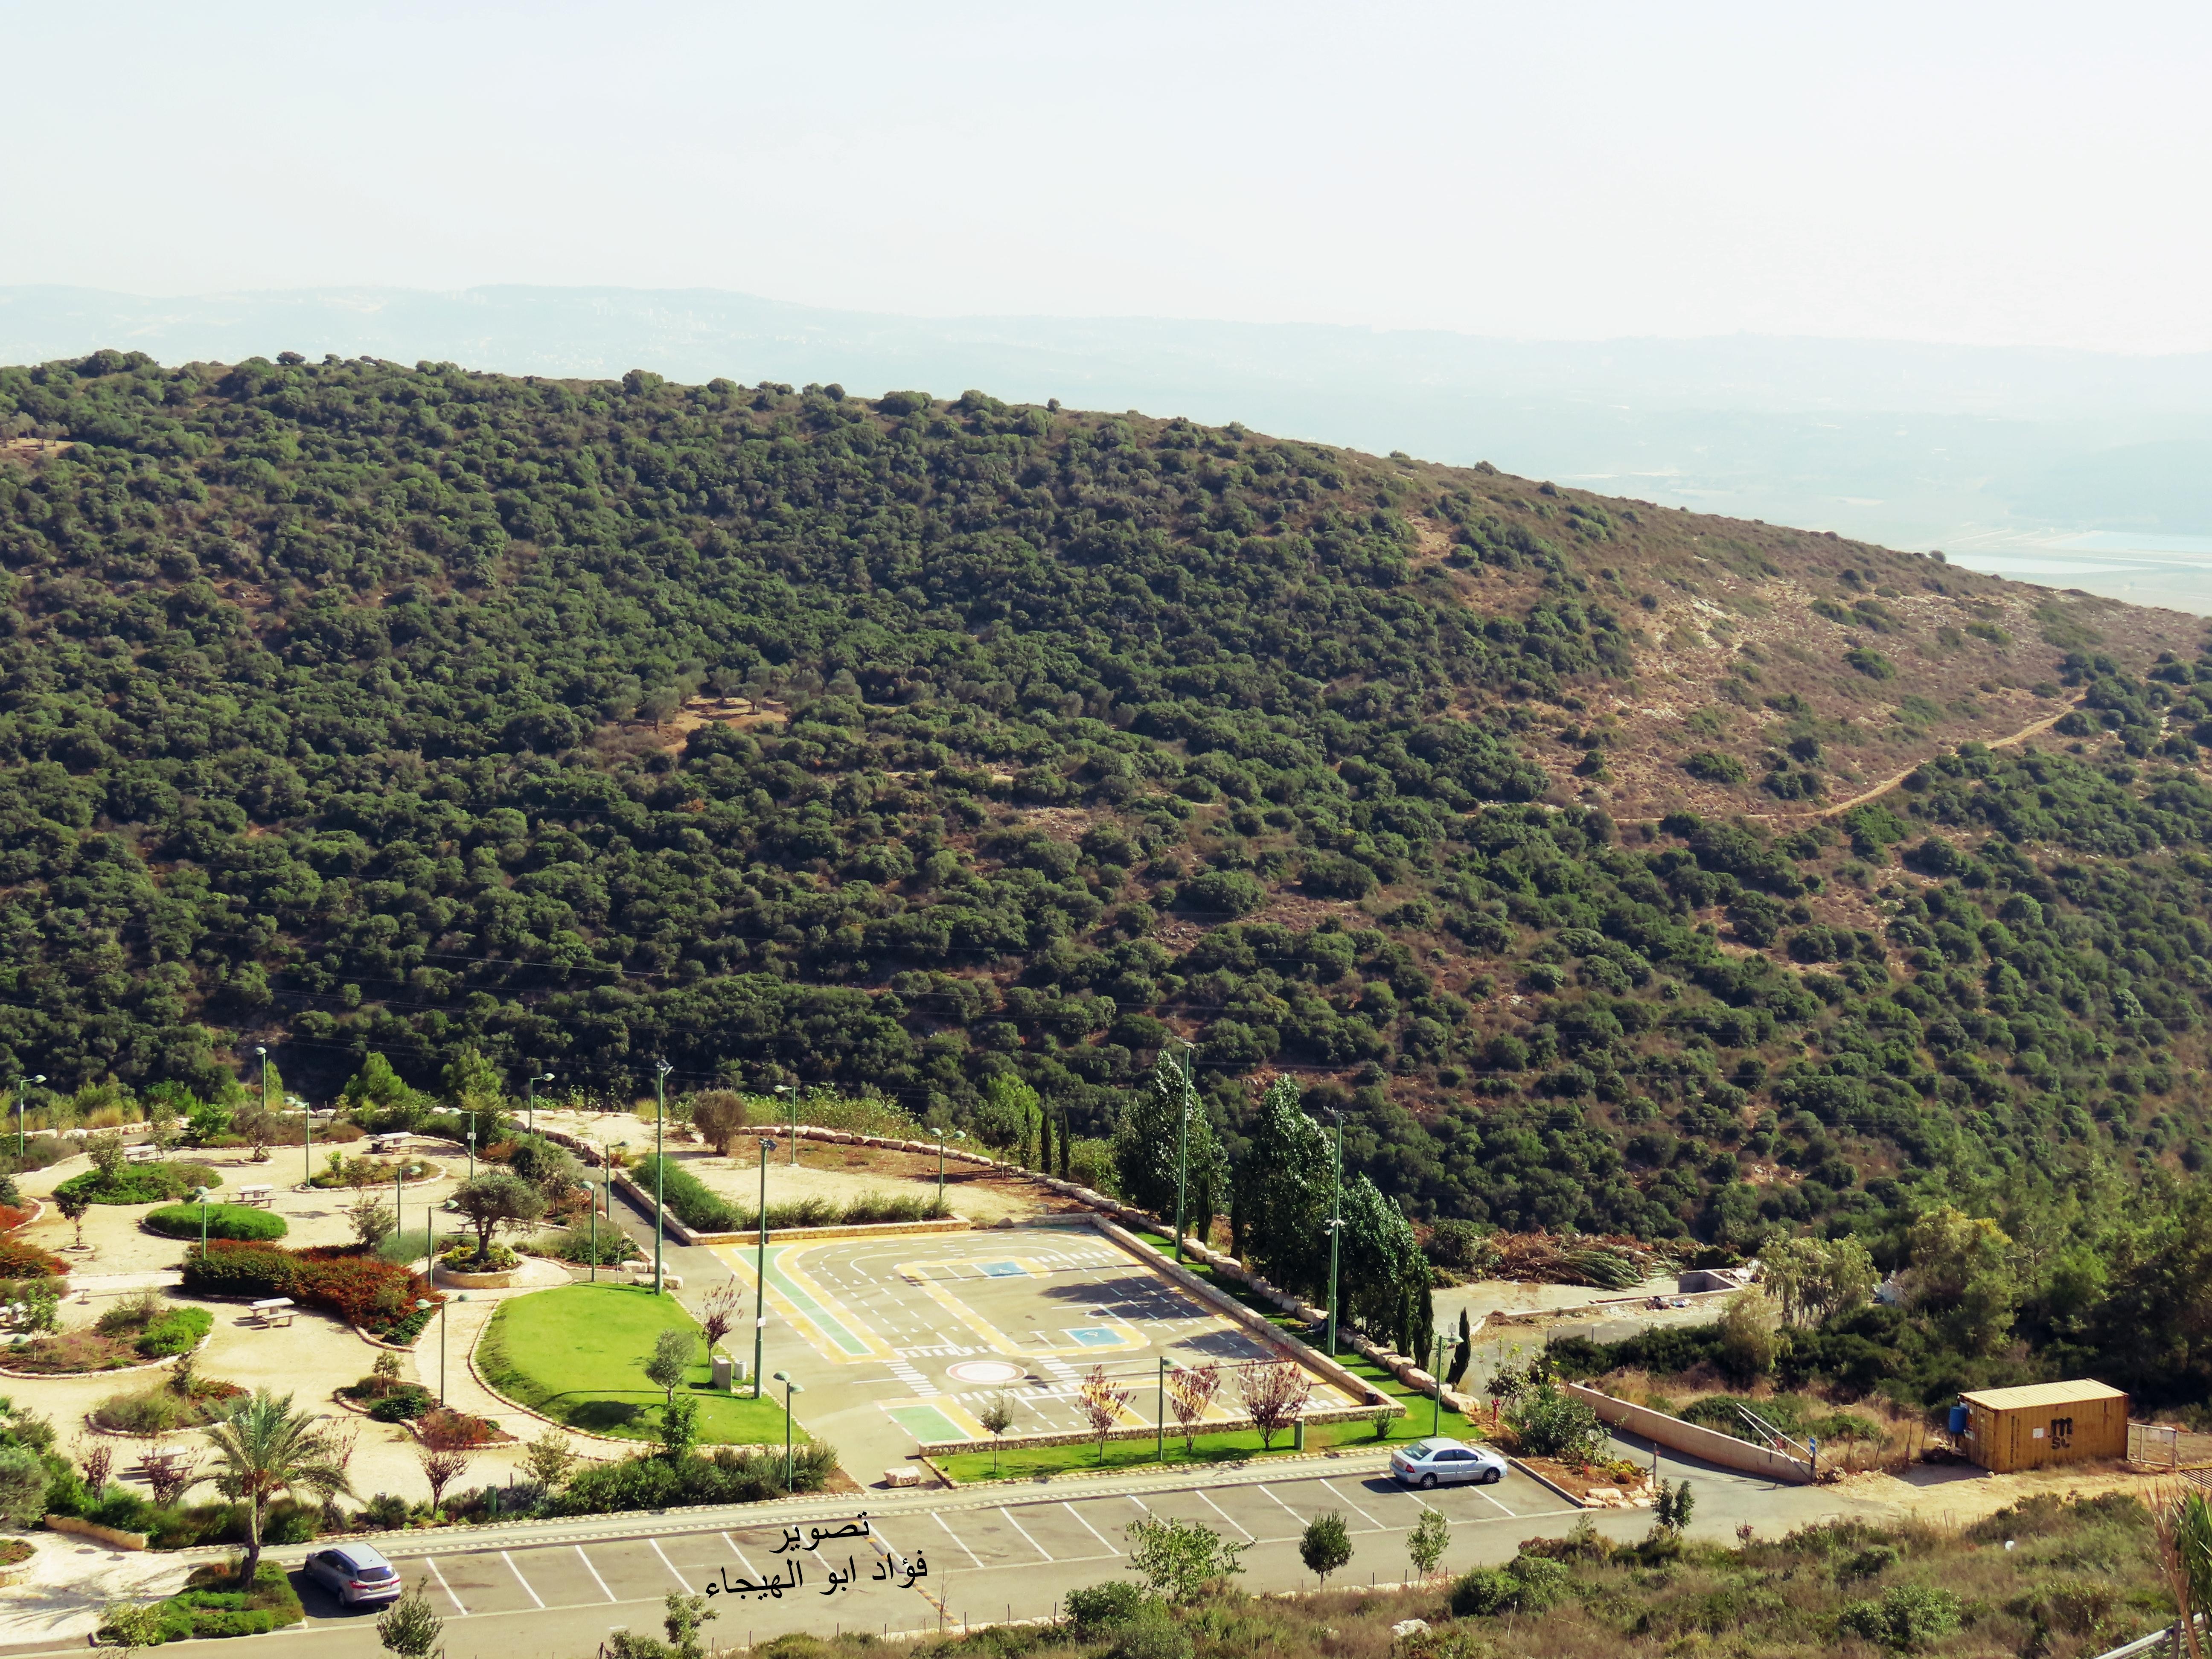 مجلس كوكب ابو الهيجاء المحلي:إعلان  تنظيم جمع النفايات المختلطة